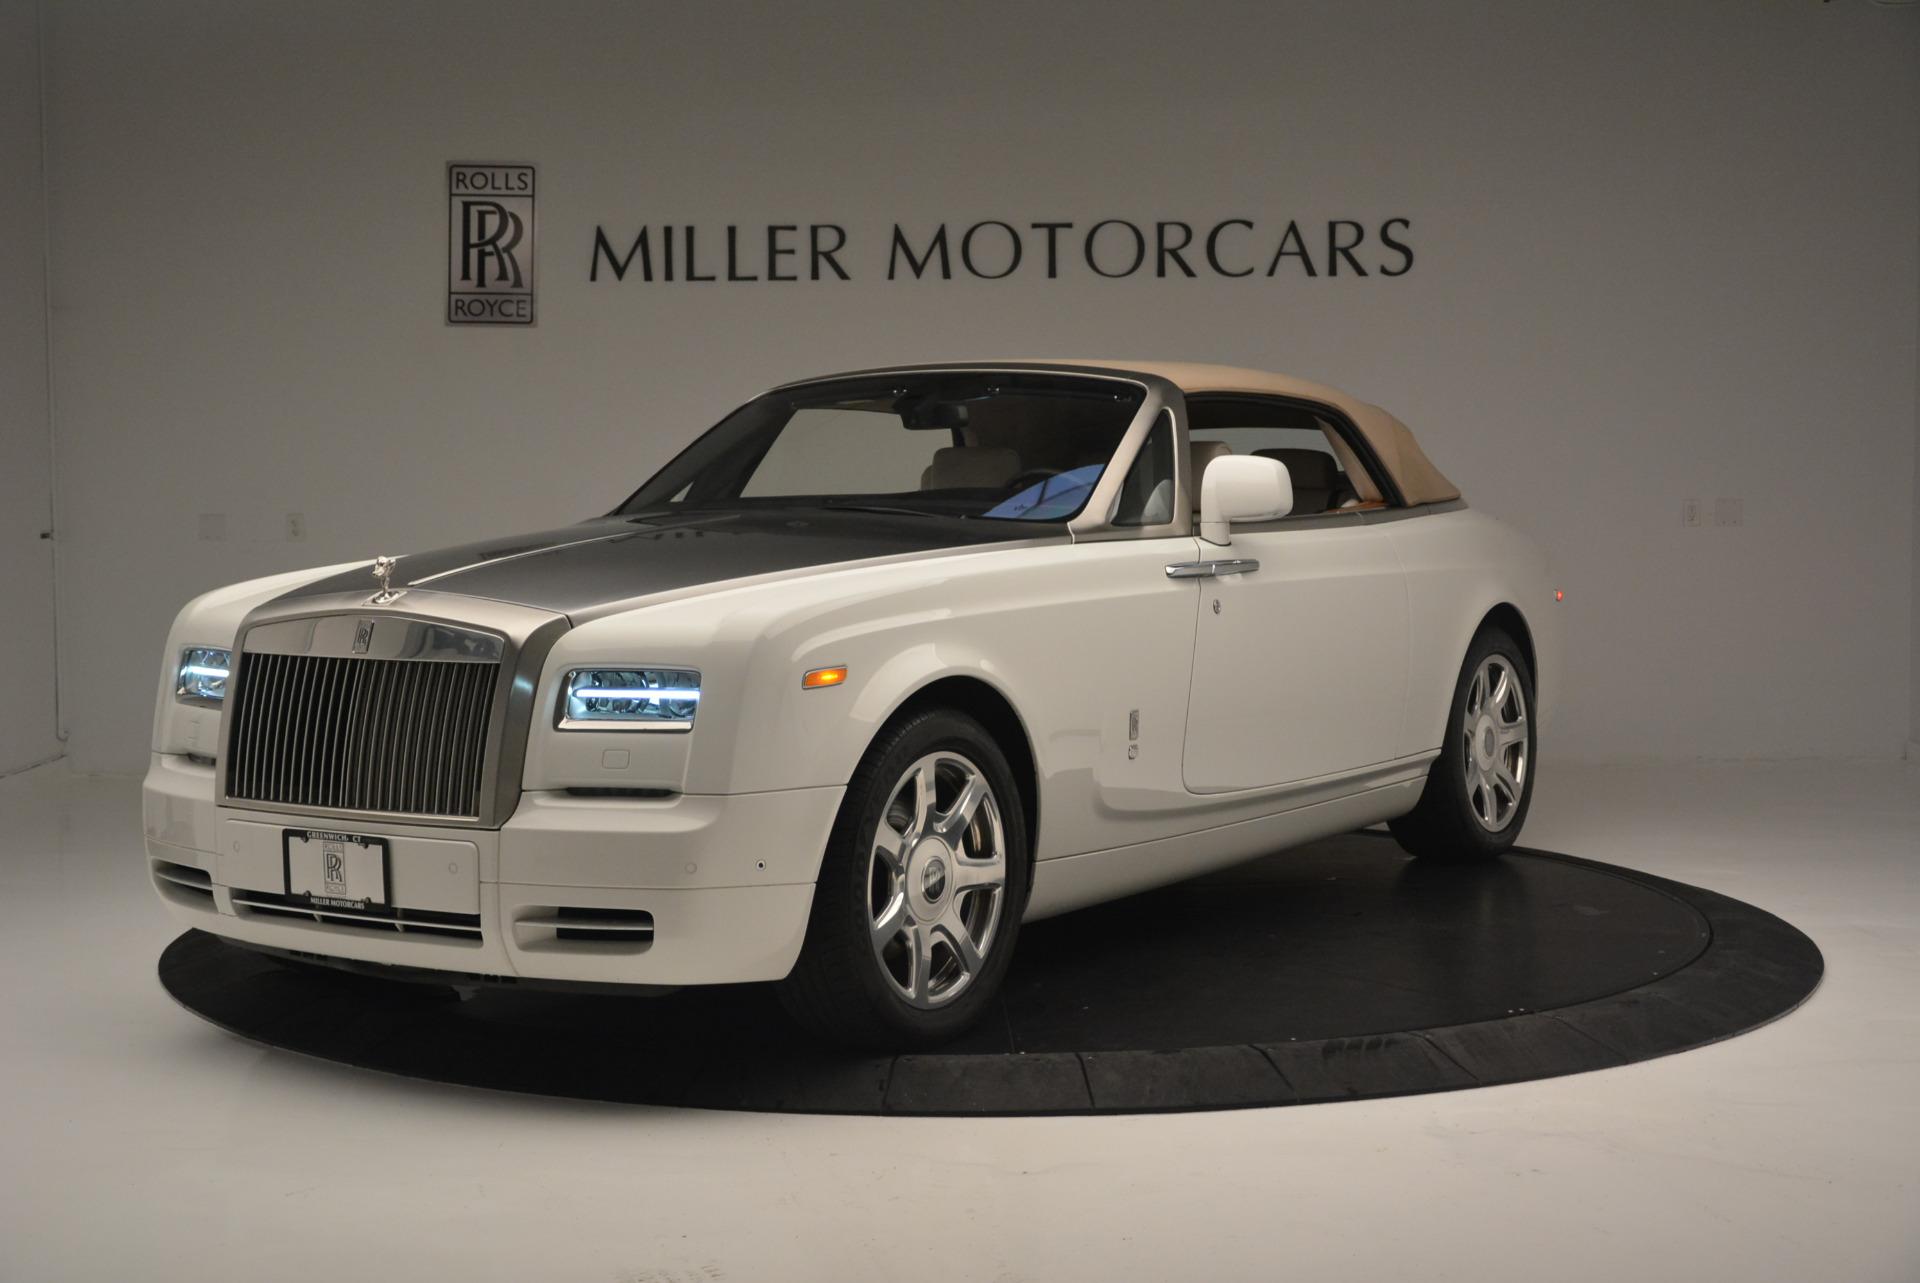 Used 2013 Rolls-Royce Phantom Drophead Coupe  For Sale In Westport, CT 2444_p9